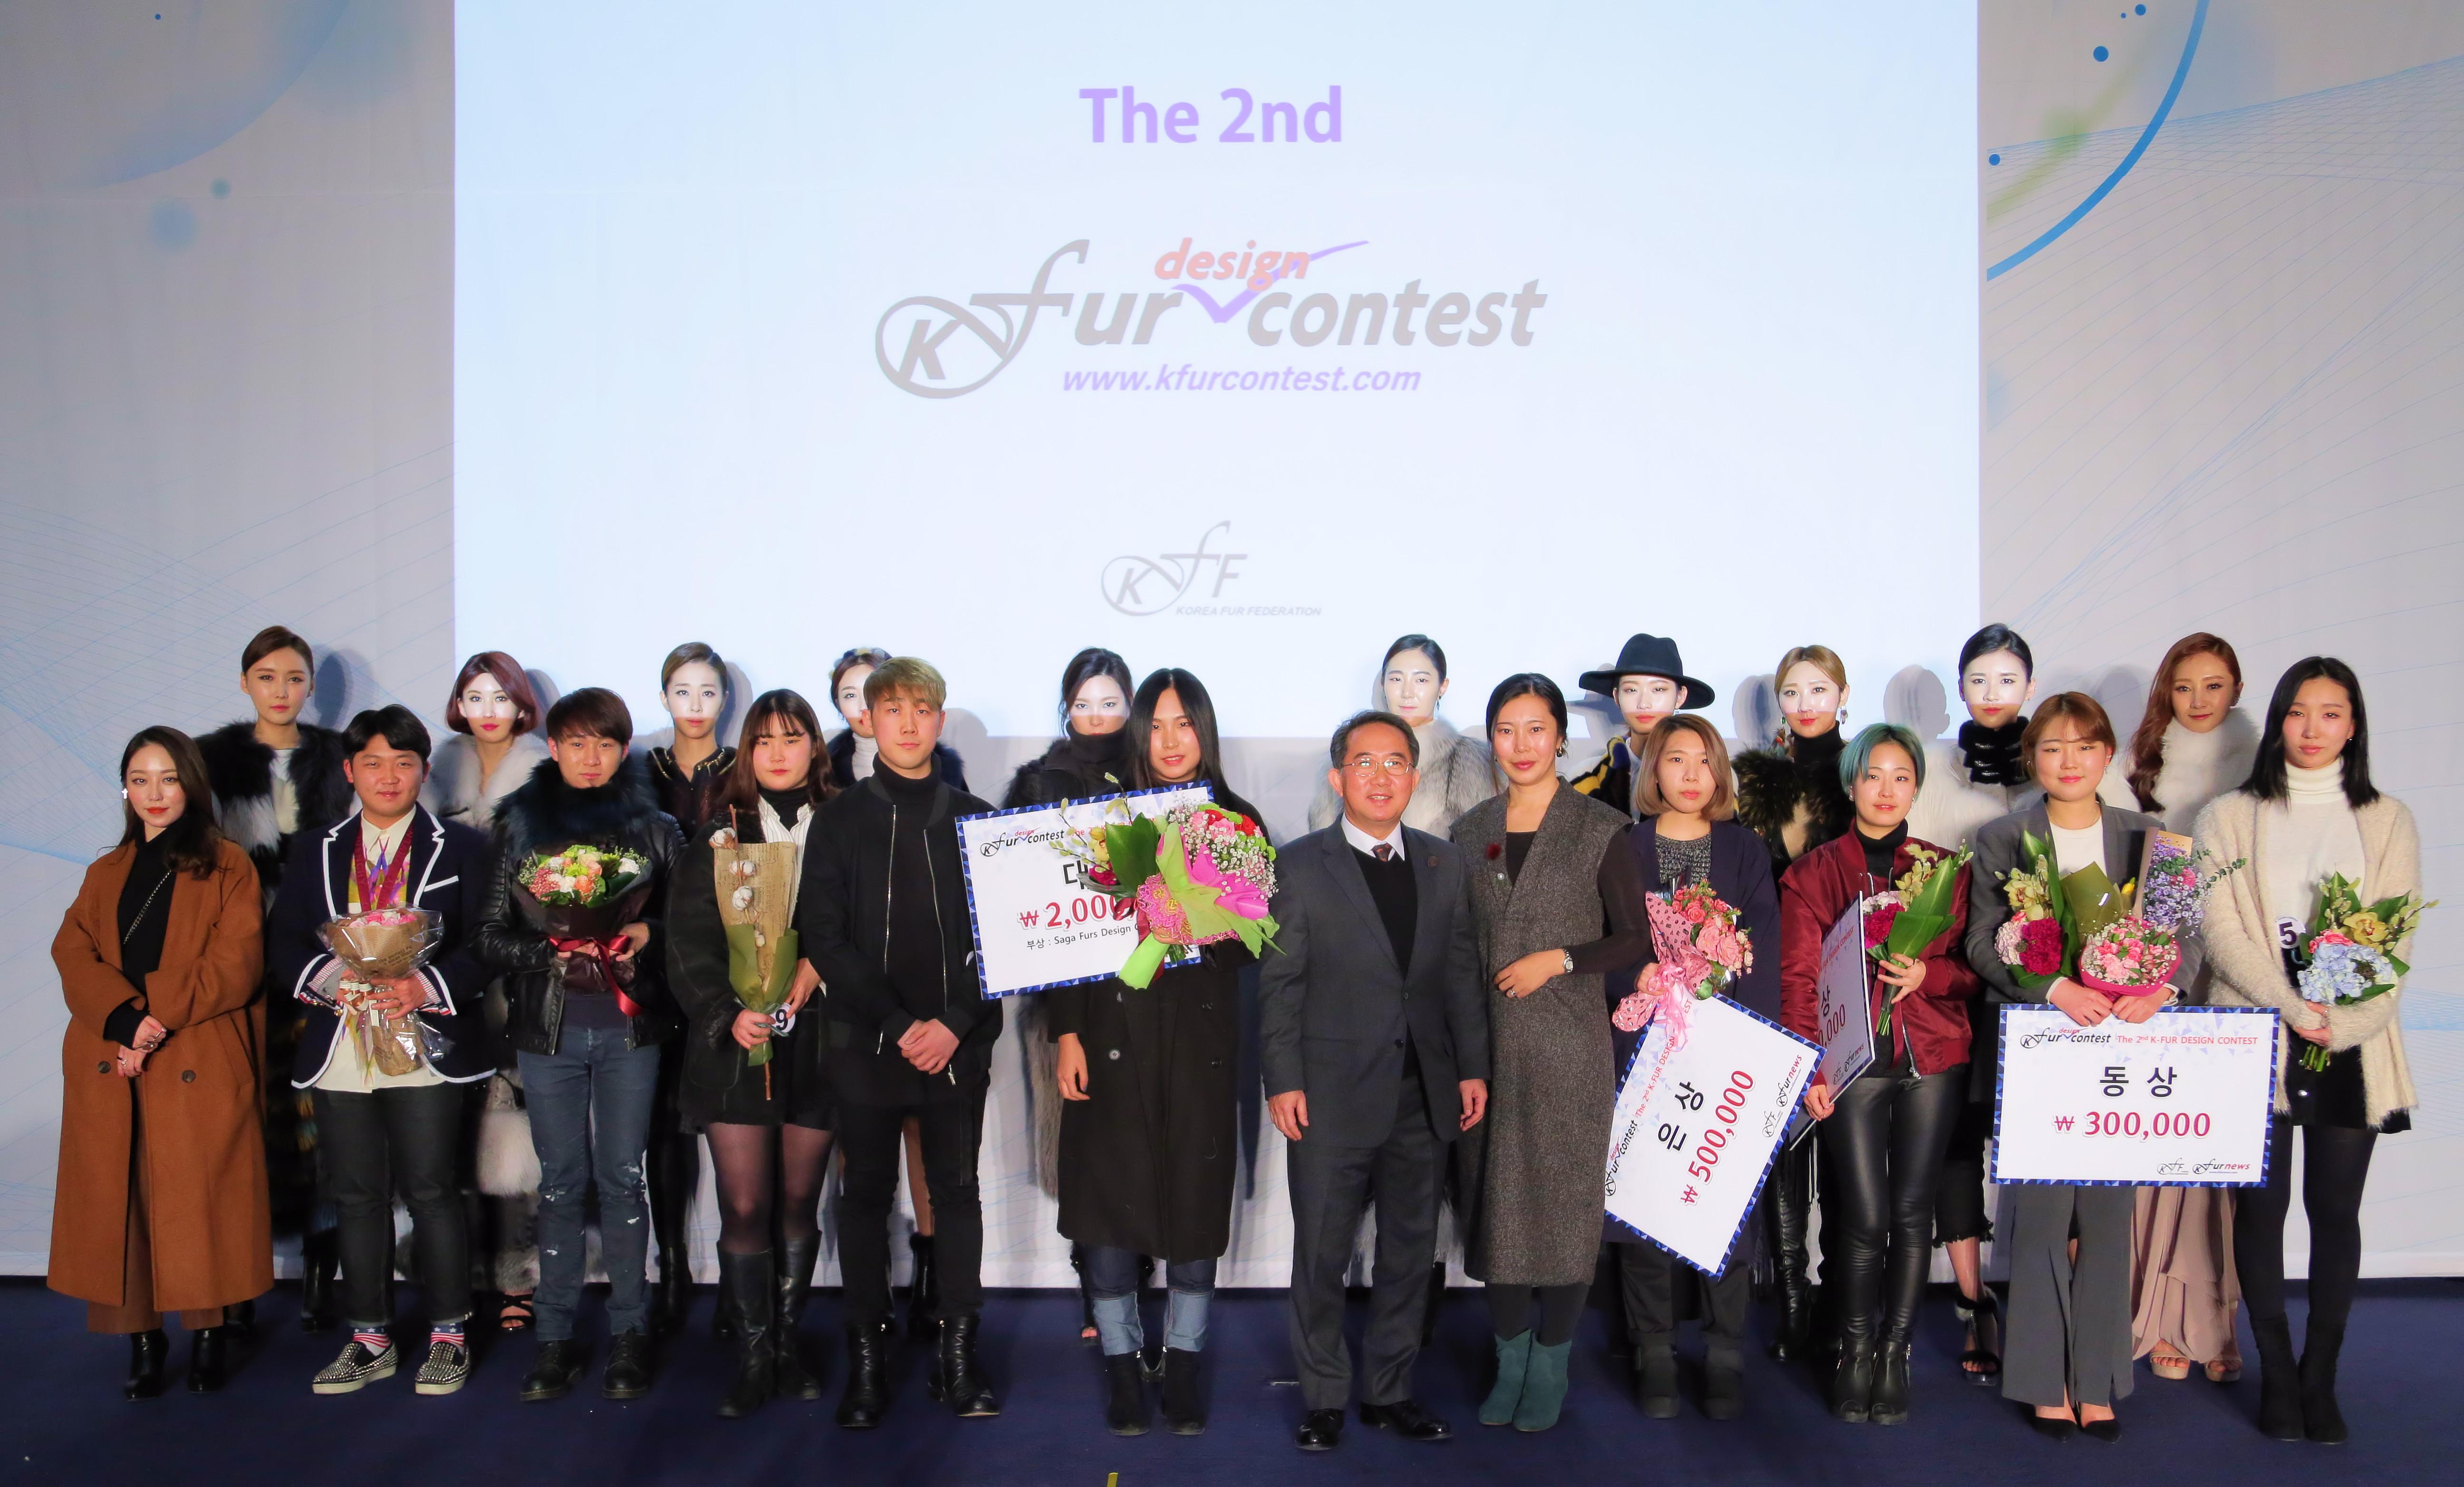 지난 19일 서울 양재동 aT센터에서 열린 '제2회 케이퍼 디자인 콘테스트'에서 신주영(앞줄 왼쪽에서 여섯 번째)씨가 영예의 대상을 수상했다.